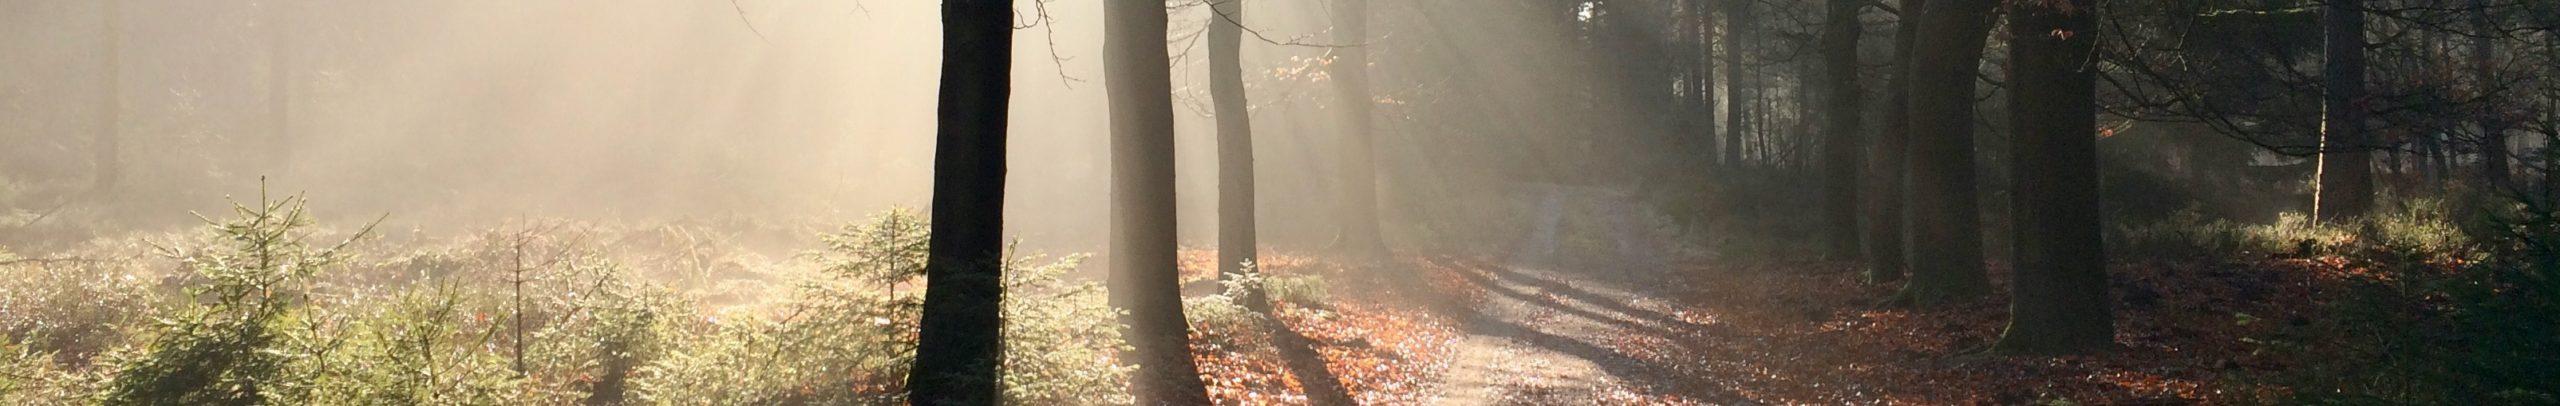 natuurretraite zonlicht in bos